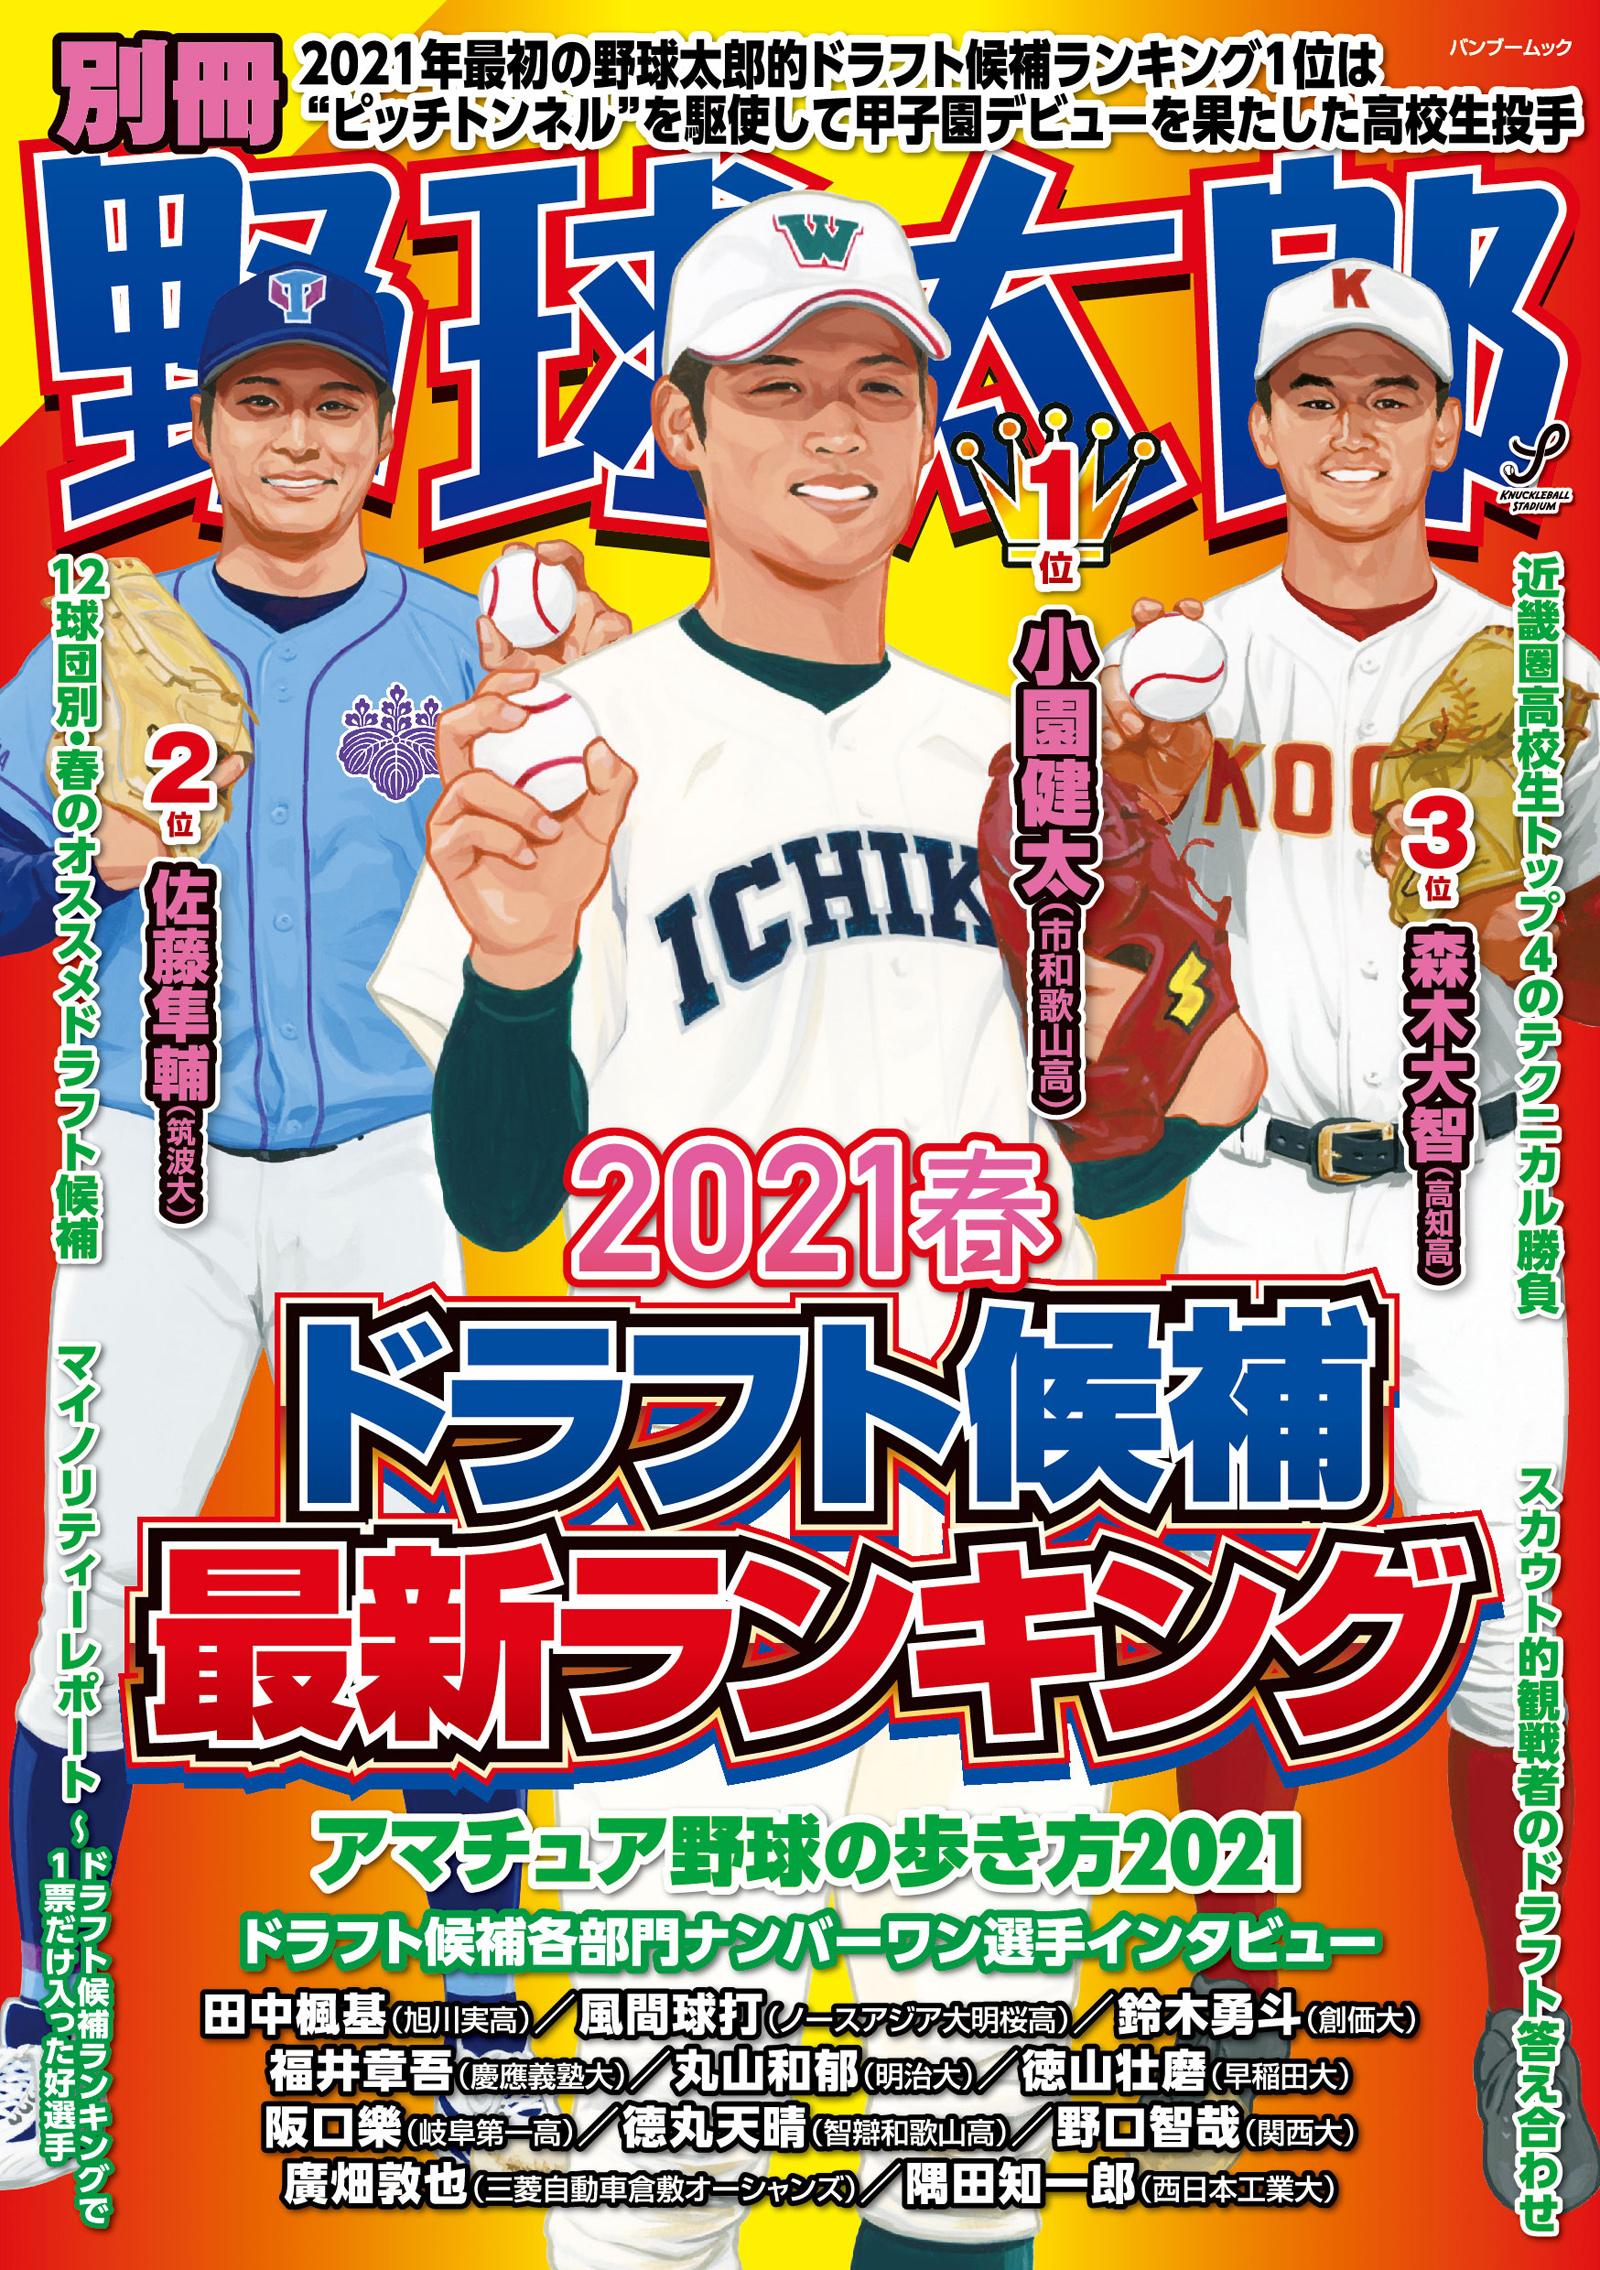 『別冊野球太郎2021春 ドラフト候補最新ランキング』本書を持てよ球場へ出よう